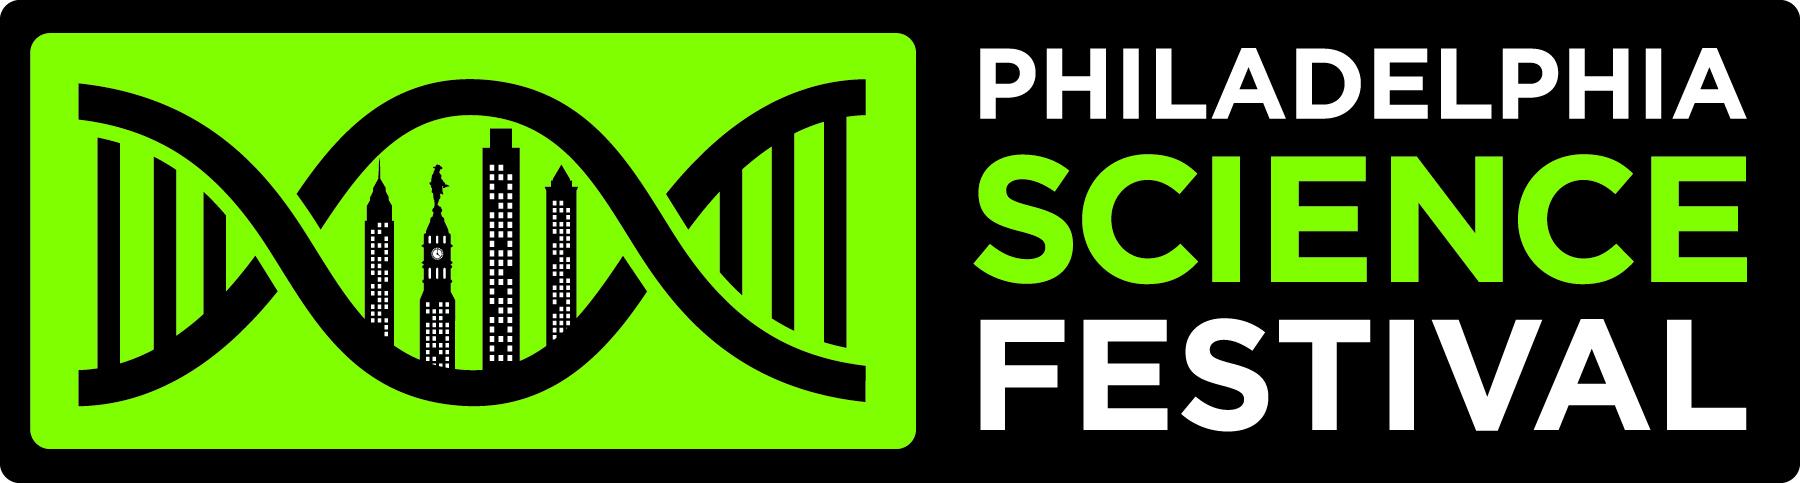 Philadelphia Science Festival Logo